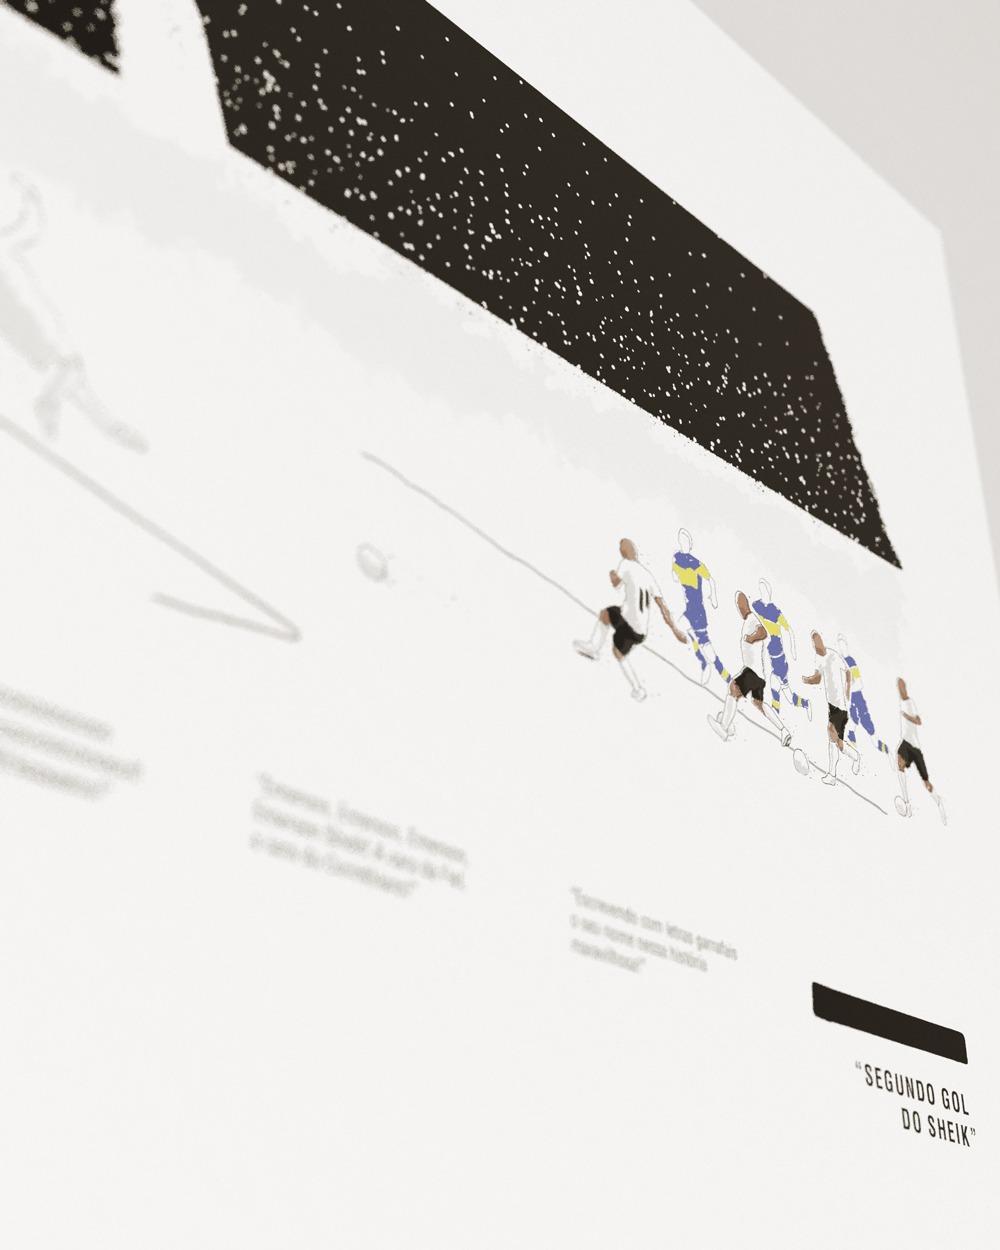 Segundo Gol do Sheik - Libertadores 2012